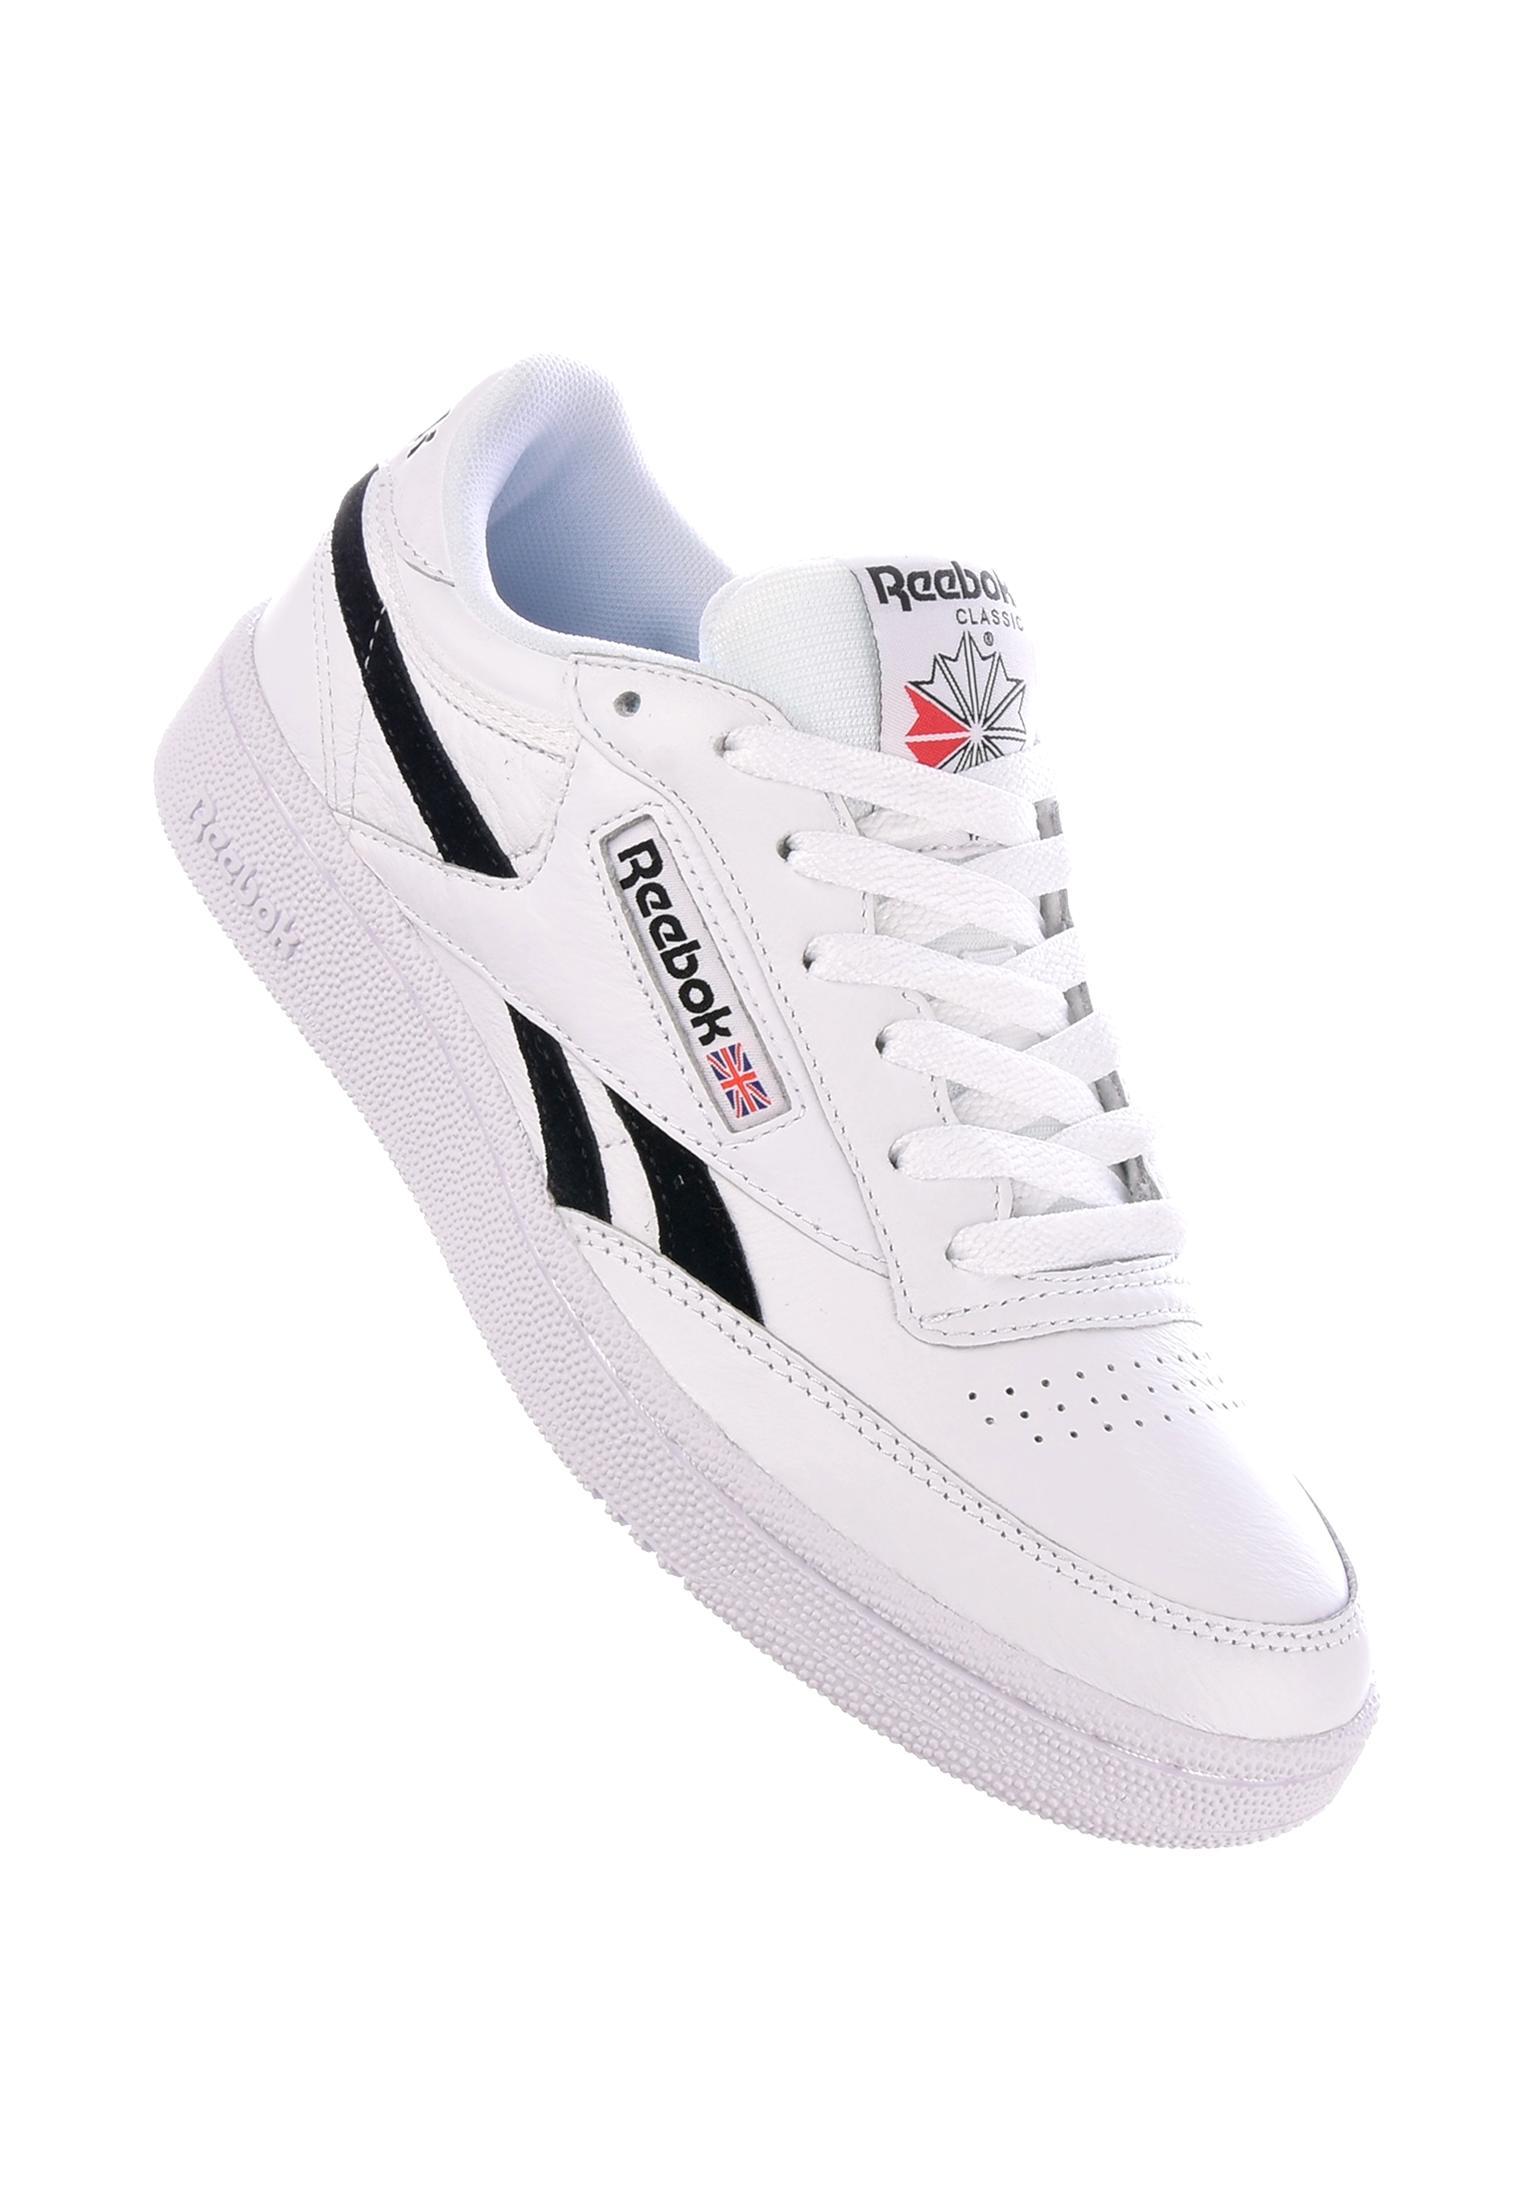 Revenge Plus MU Reebok All Shoes in white-black for Women  8d3c5de99